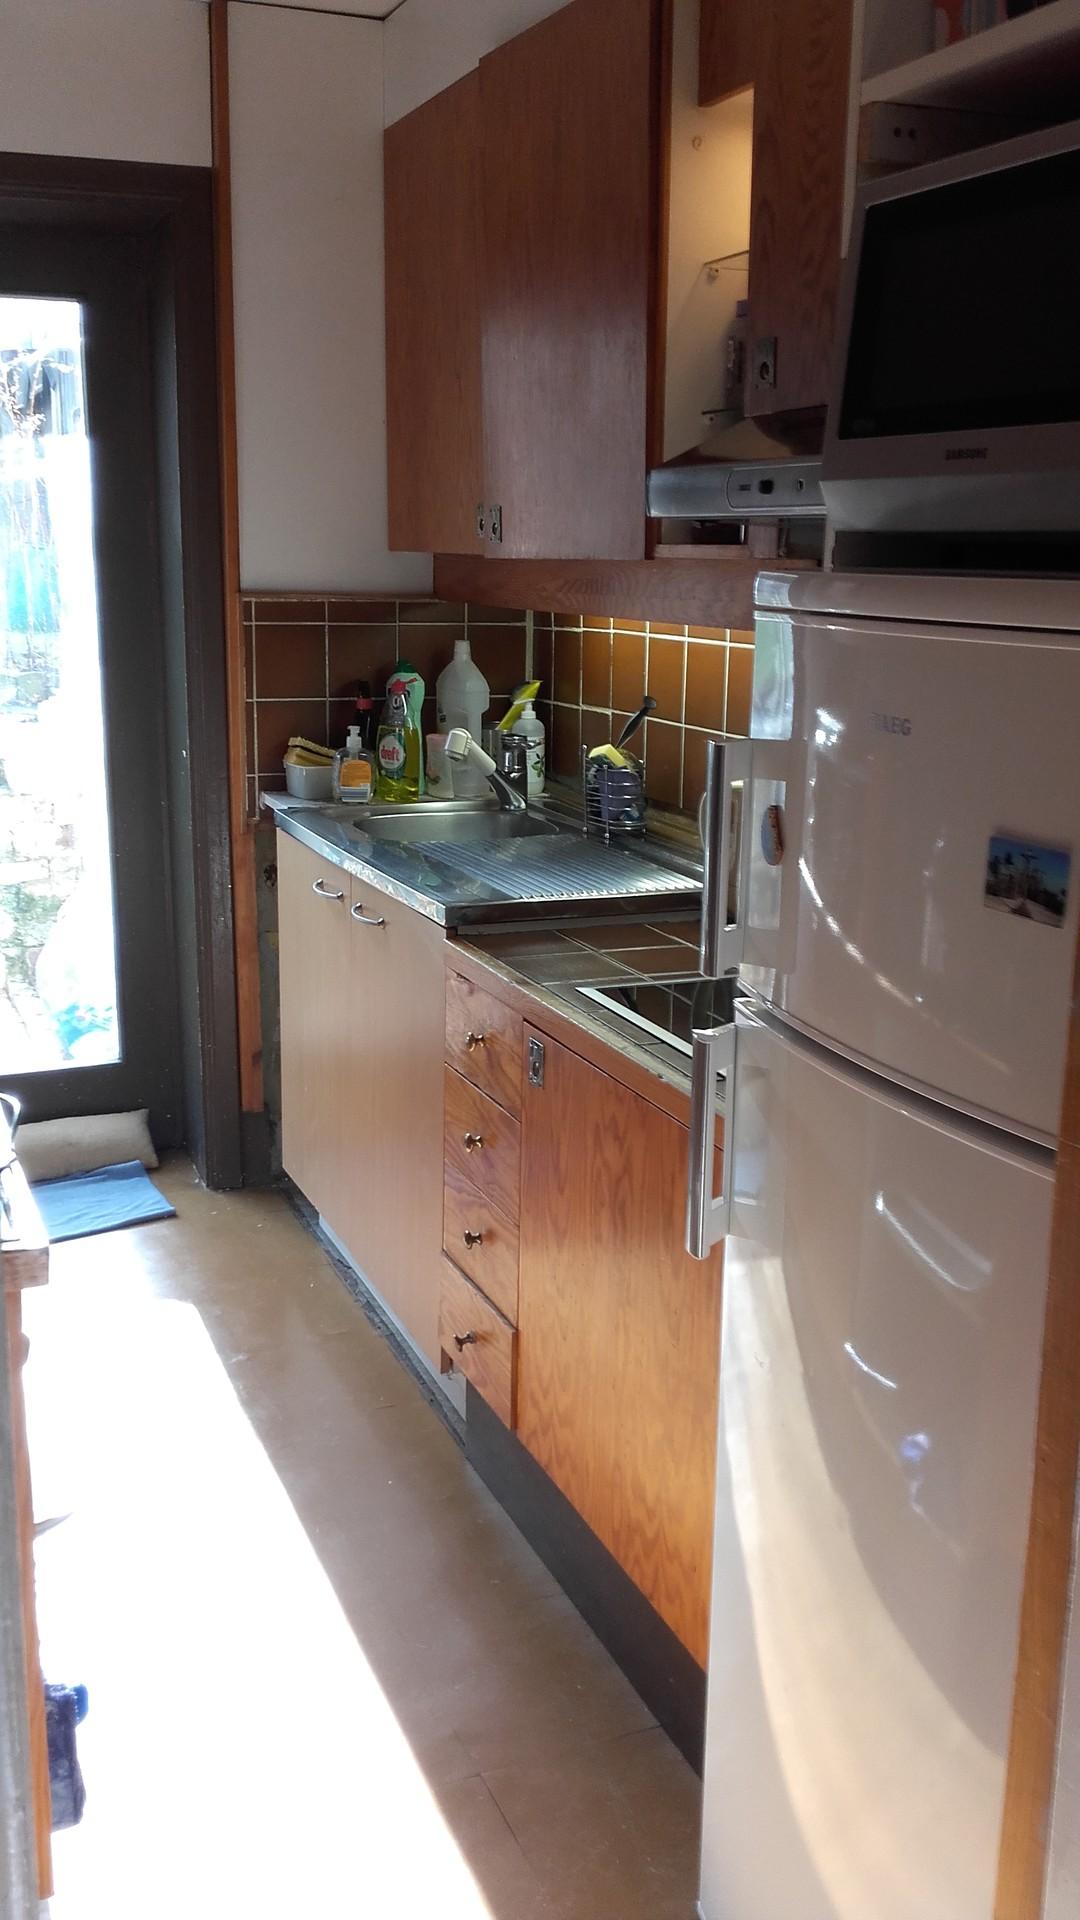 Chambre Meuble Chez L Habitant With Bail Chambre Meublee Chez L Habitant